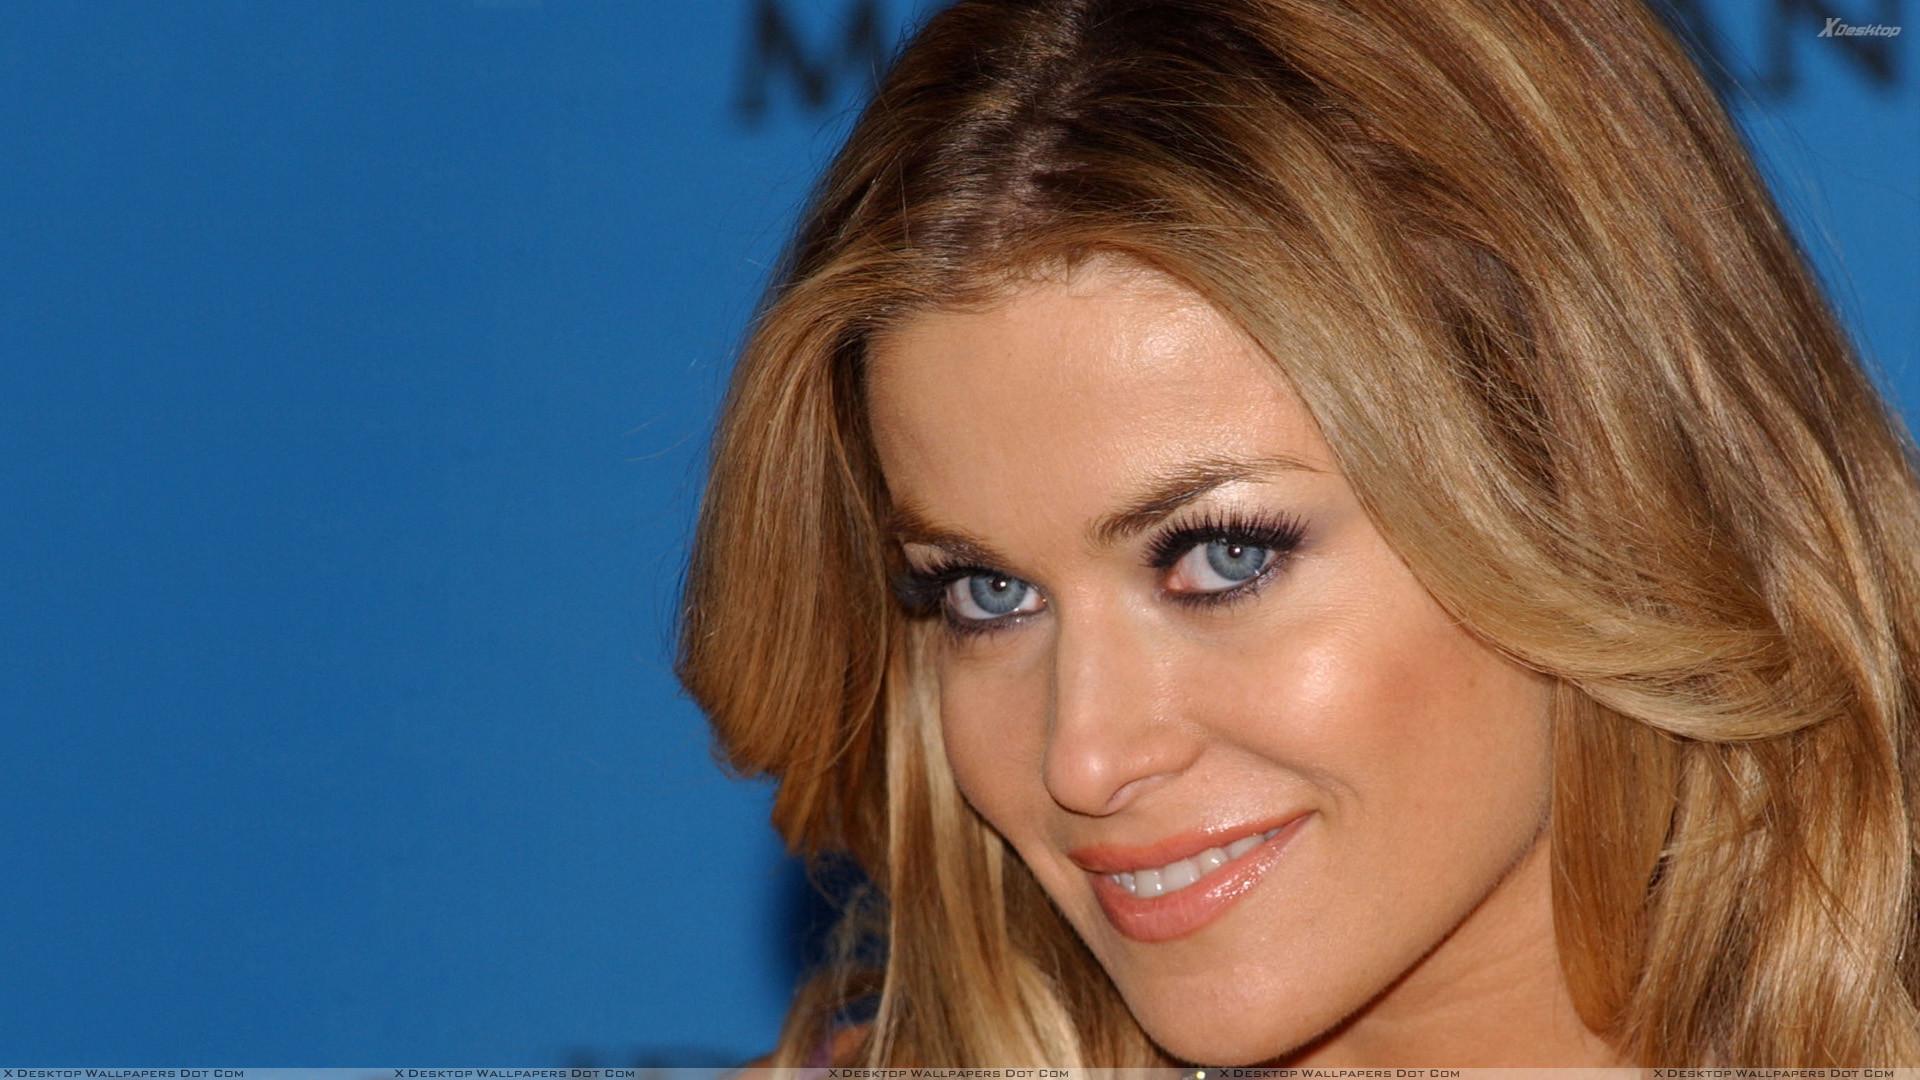 Carmen Electra Smiling Sweet Face Closeup